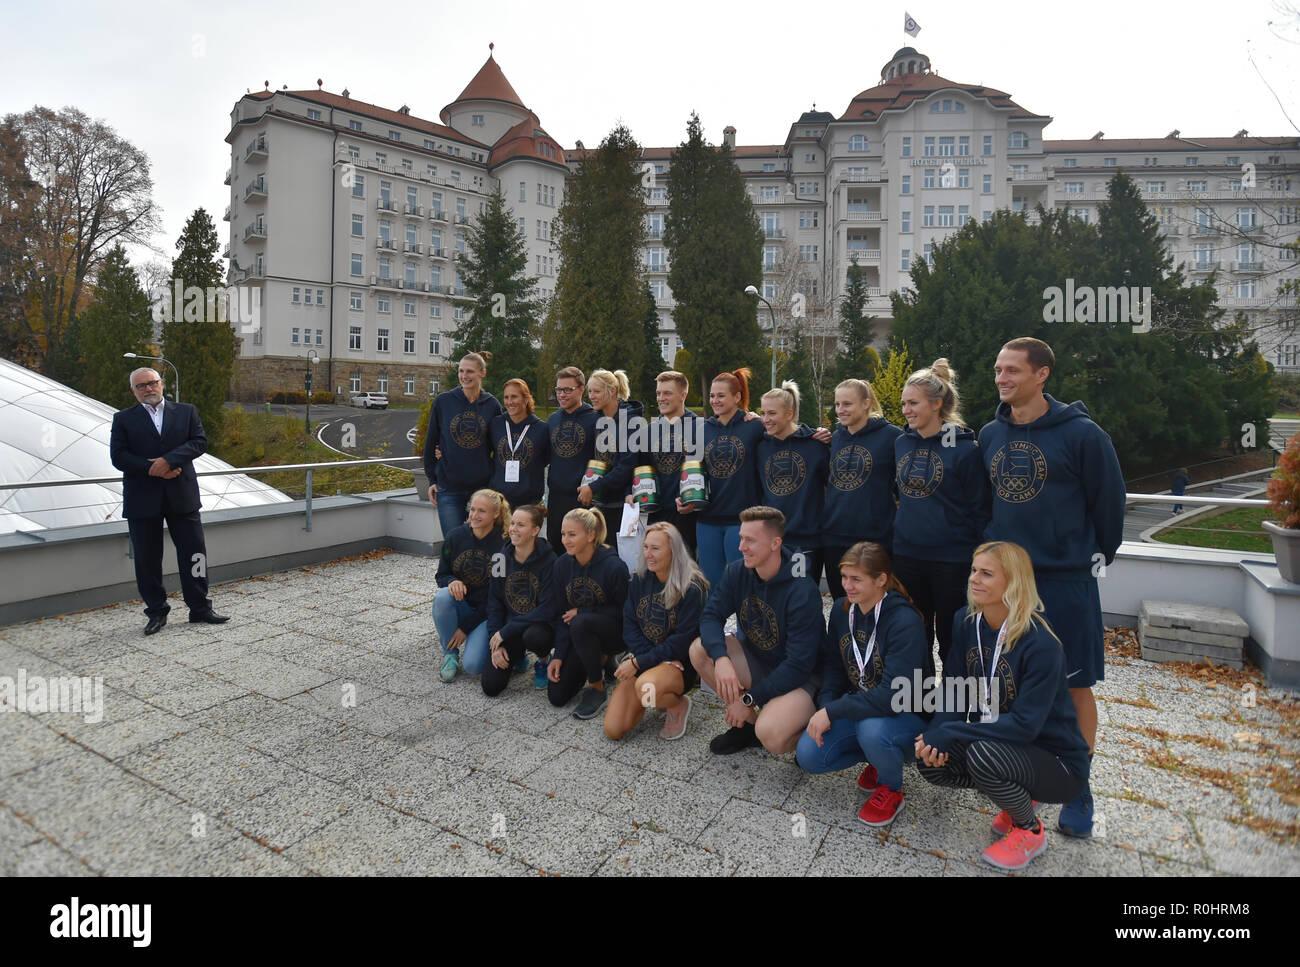 Los miembros de la República Checa sport team para los Juegos Olímpicos de Verano de Tokio 2020 traje actual colección en Praga, República Checa, 5 de noviembre de 2018. (CTK Foto/Slavomir Kubes) Foto de stock